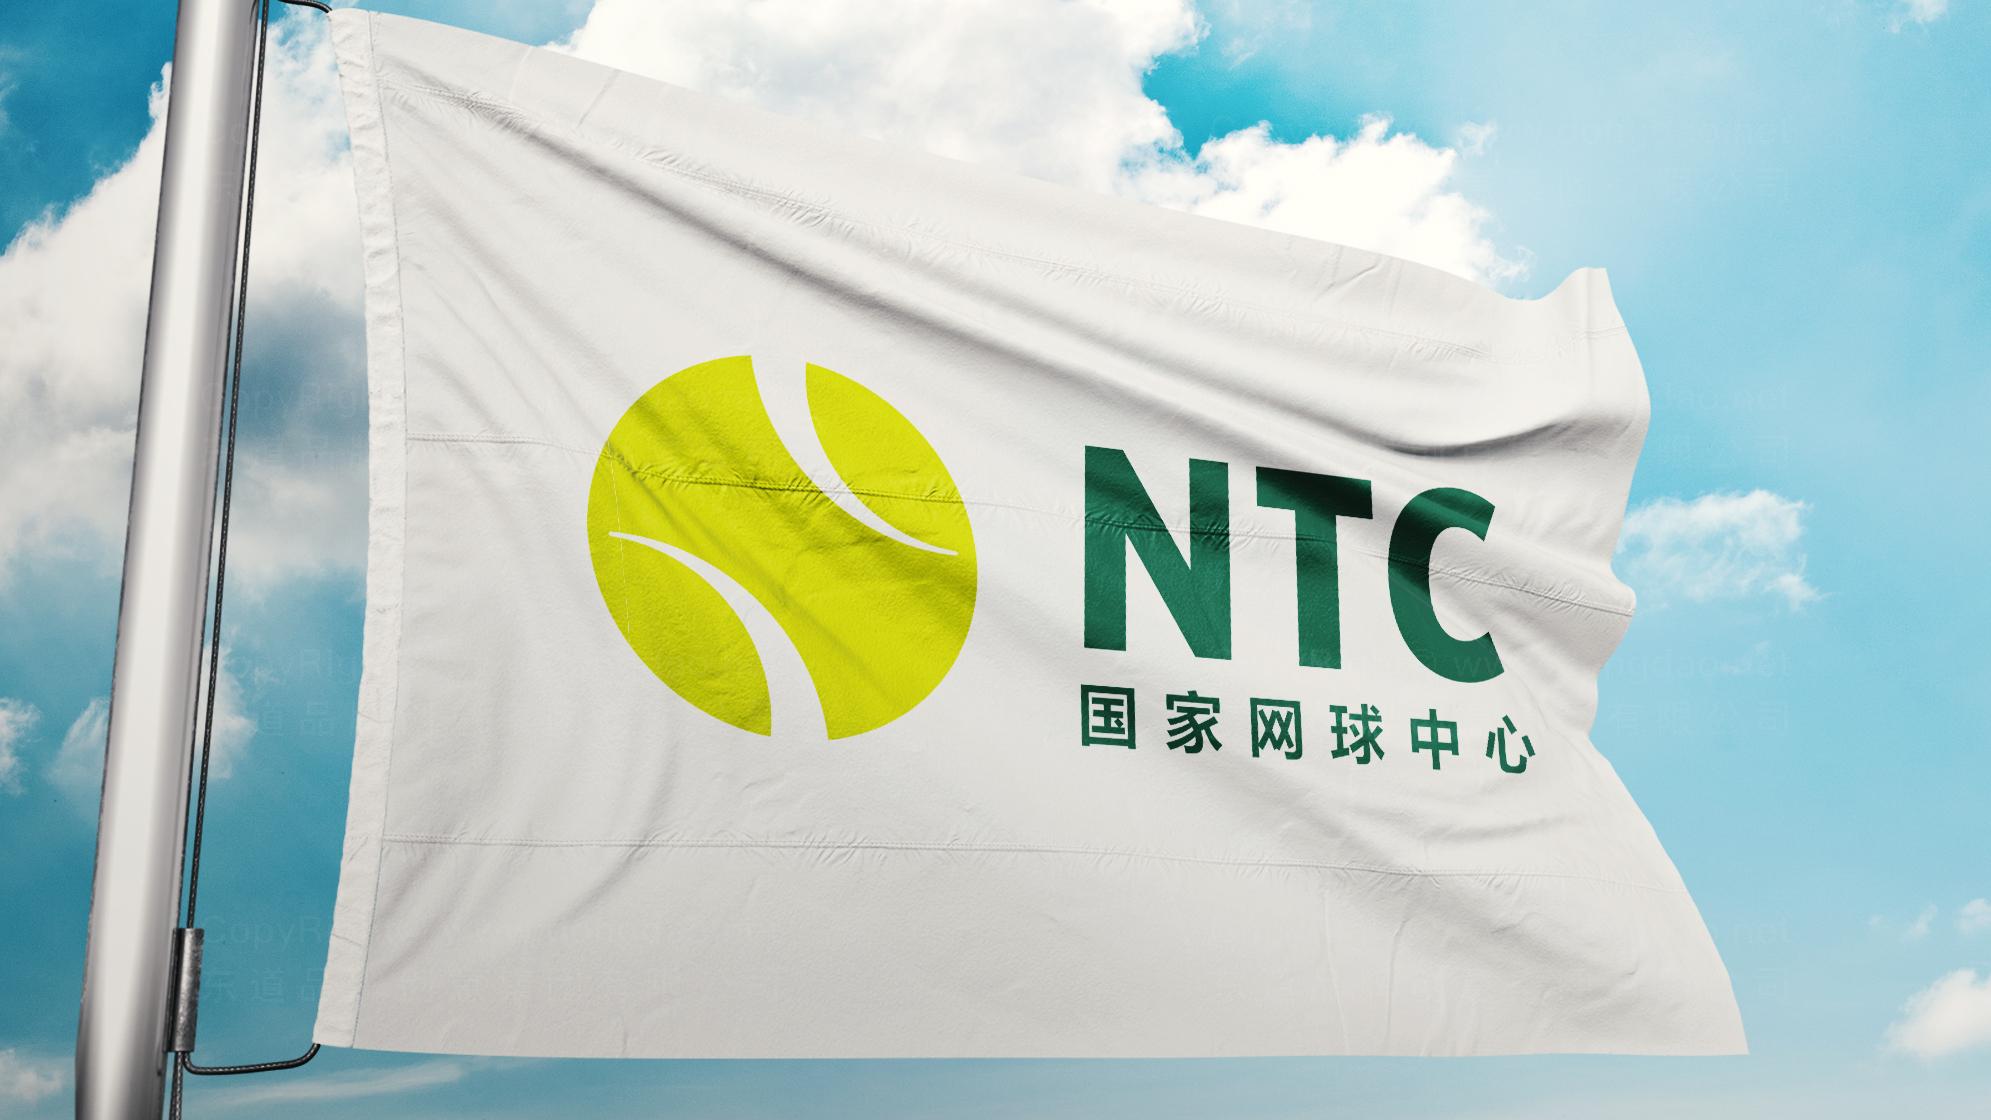 品牌设计国家网球中心标志设计应用场景_9